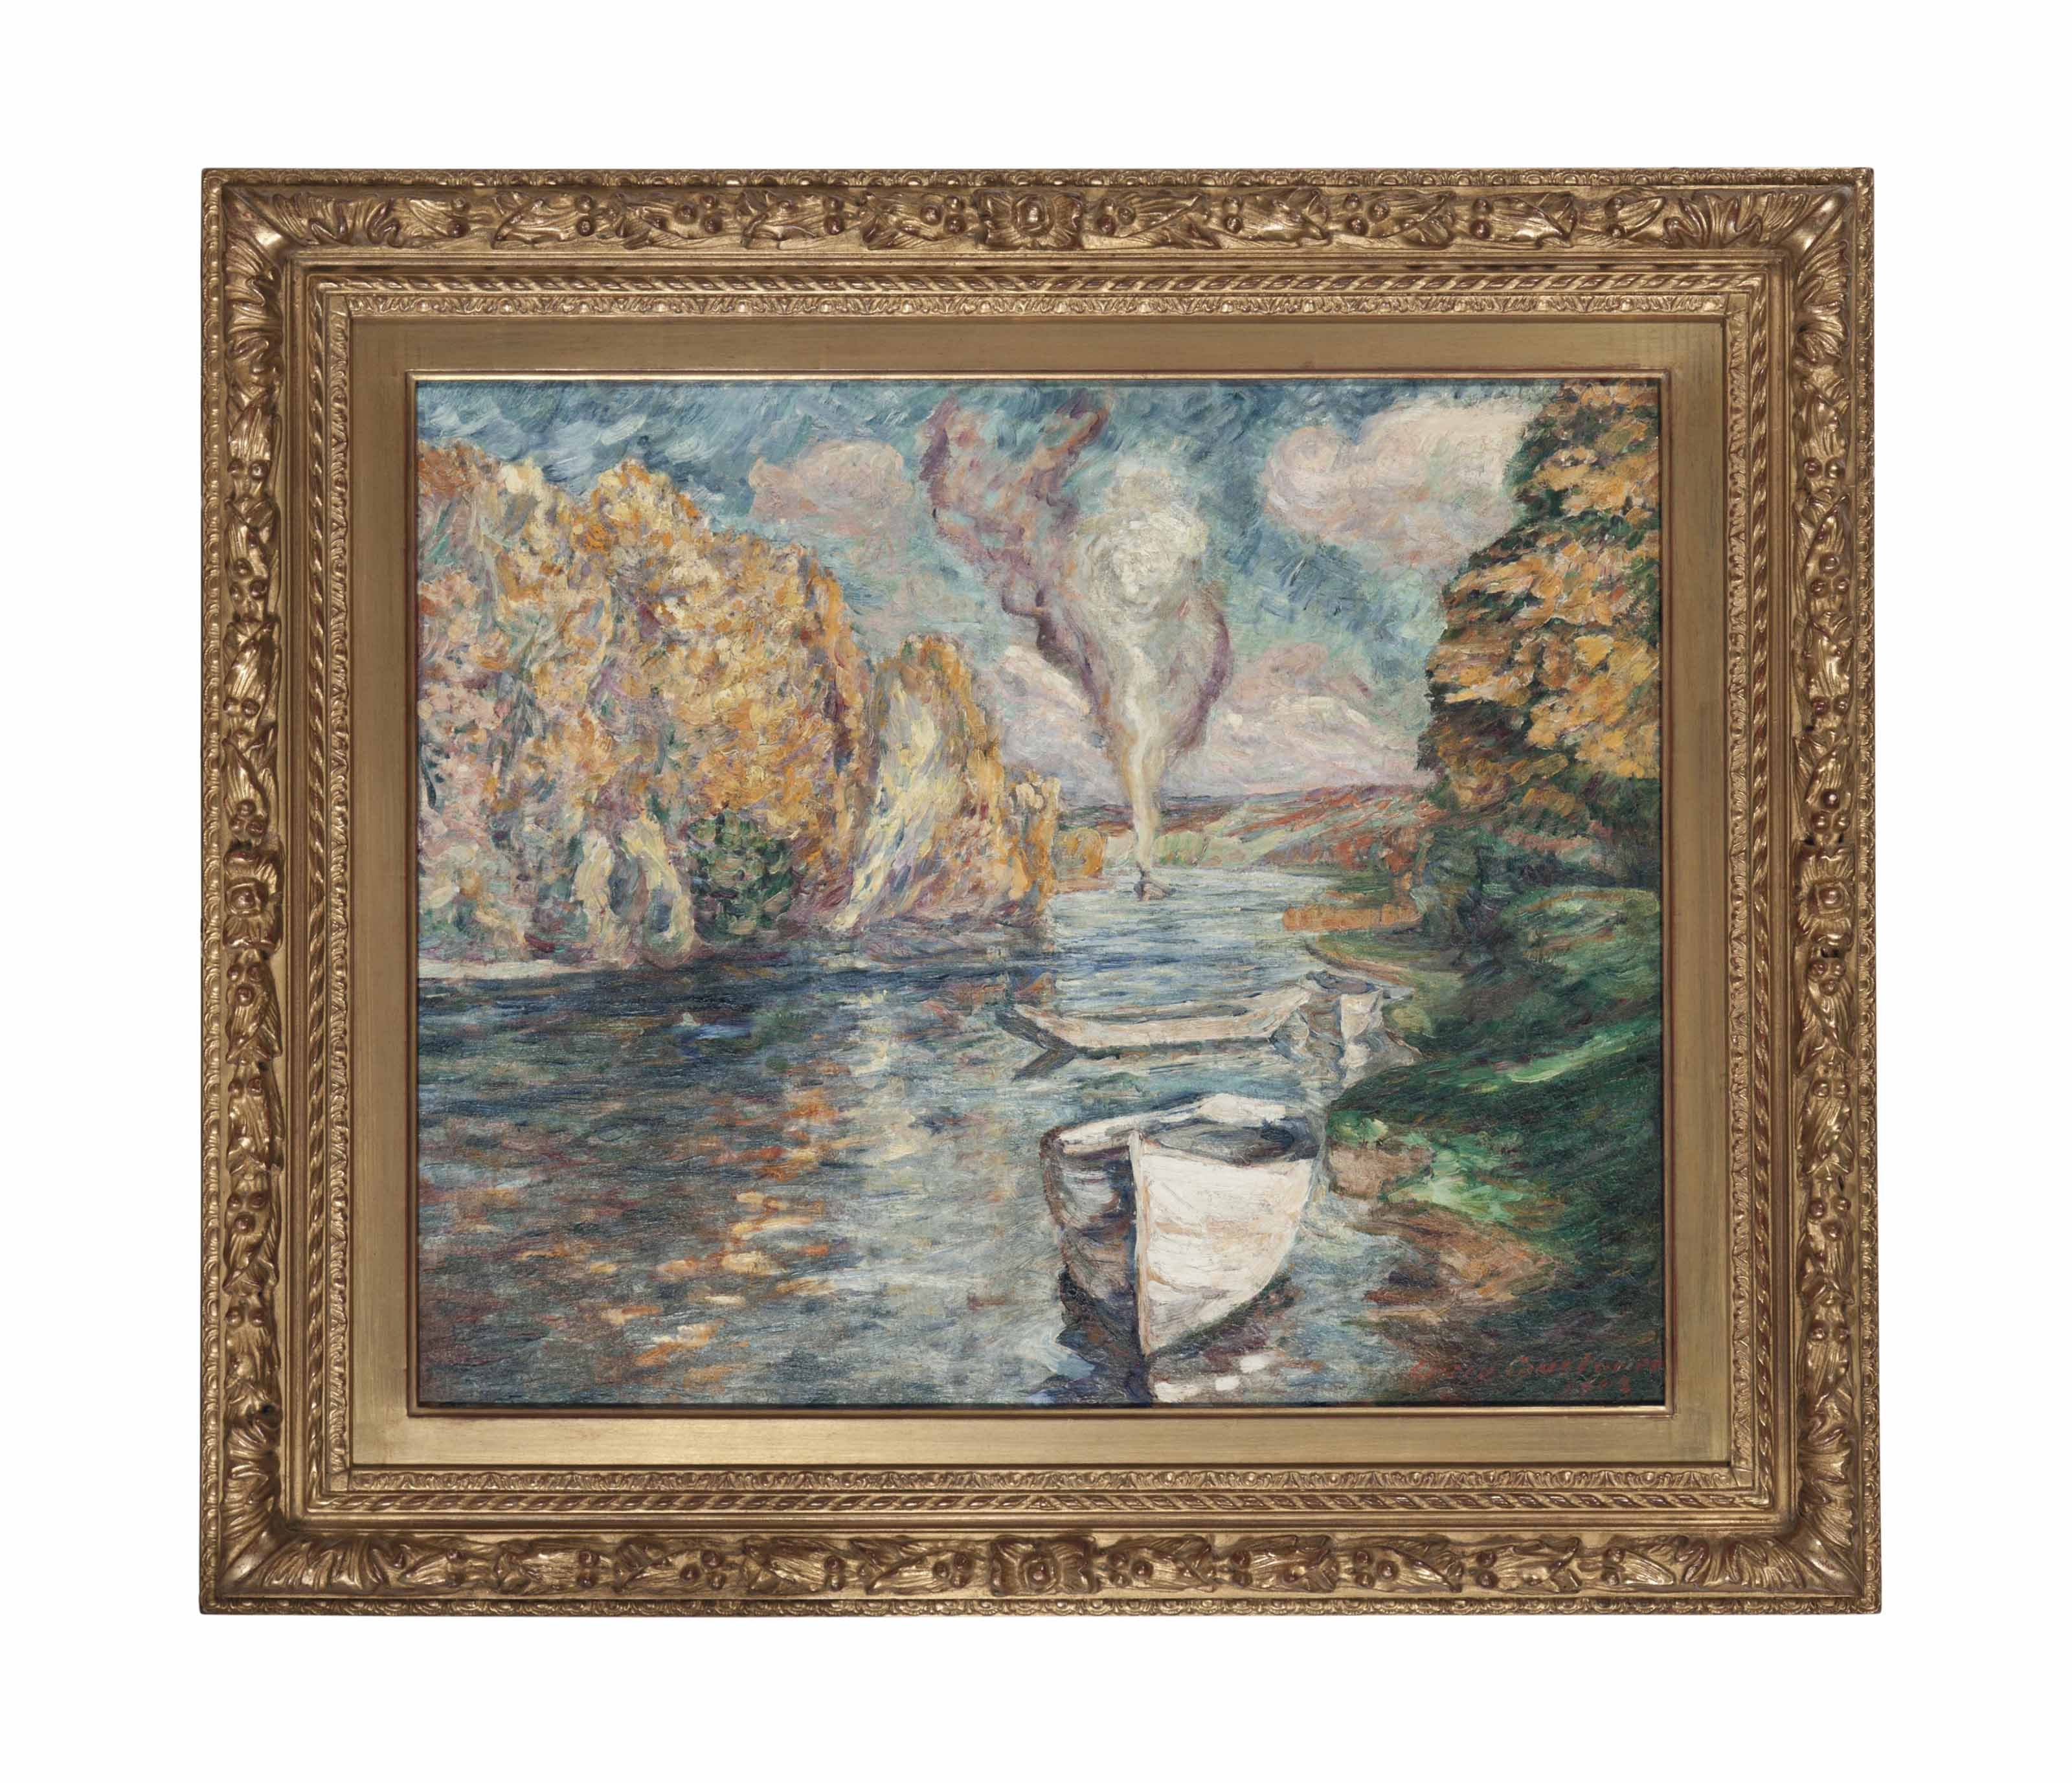 Scene de riviere